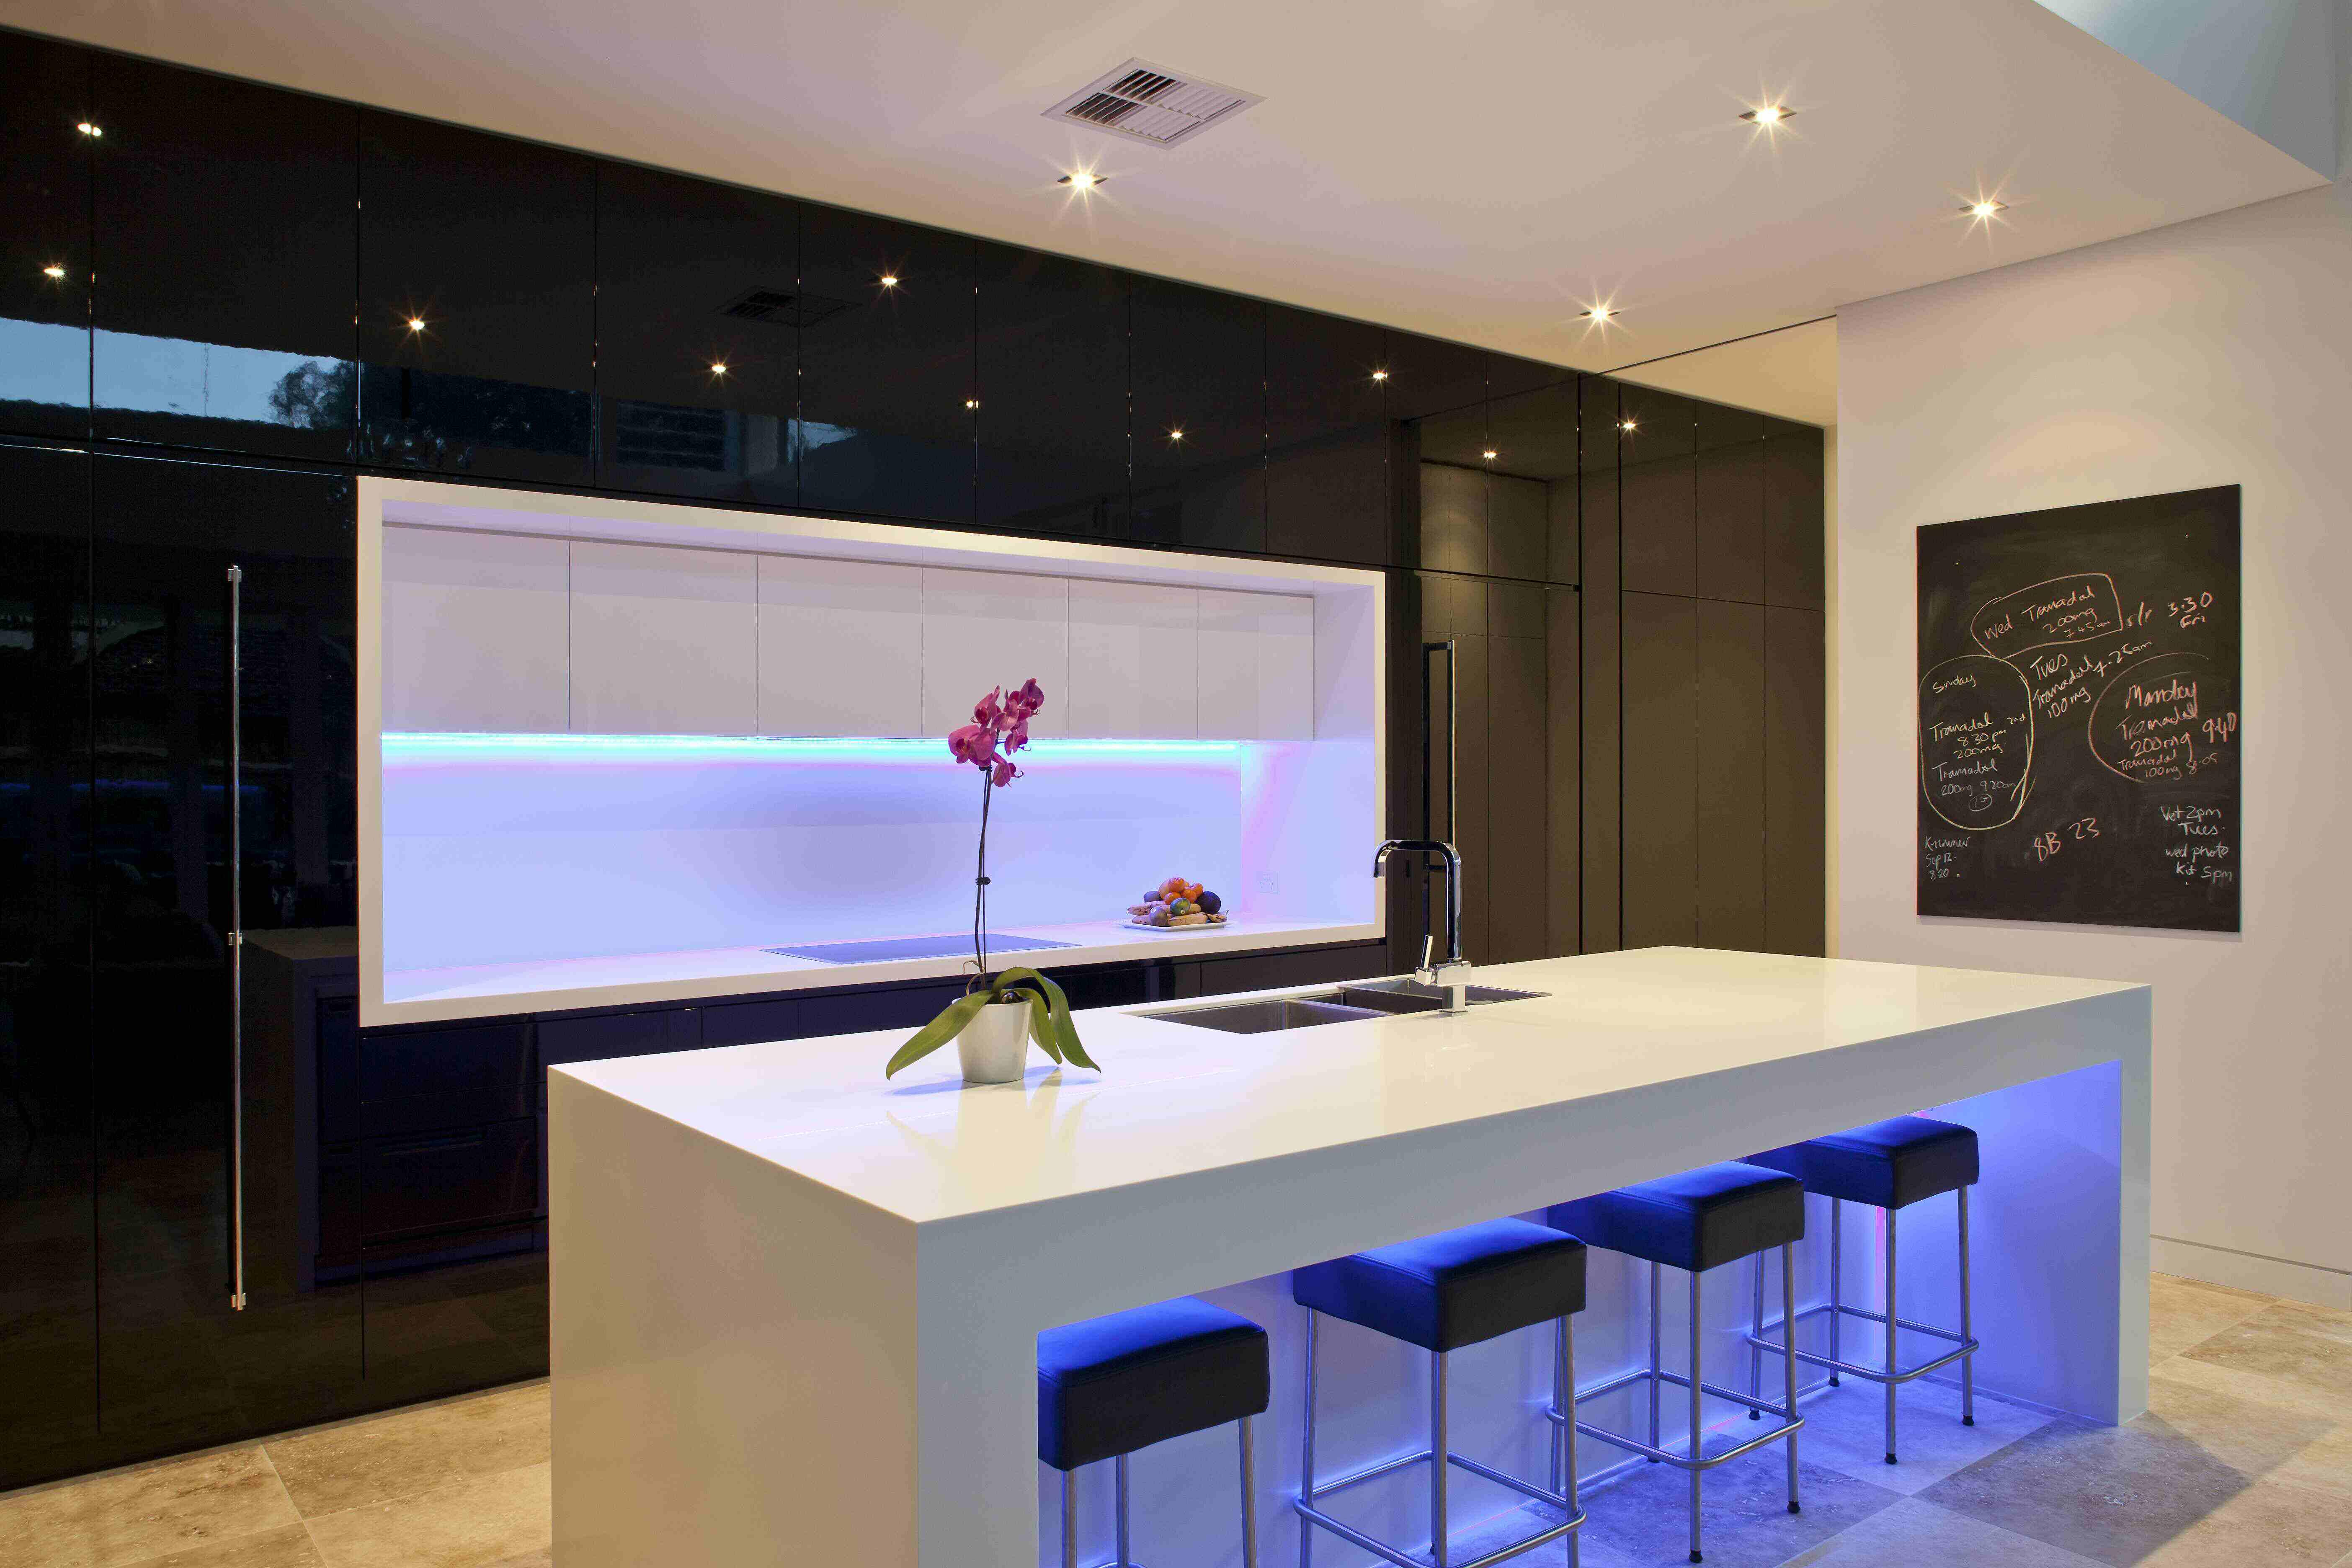 SOLID SURFACES - La tecnologia al servei de la creació decorativa, material per a tot tipus de creacions per a Decoradors, Interioristes, Arquitectes i Fusters-Ebenistes